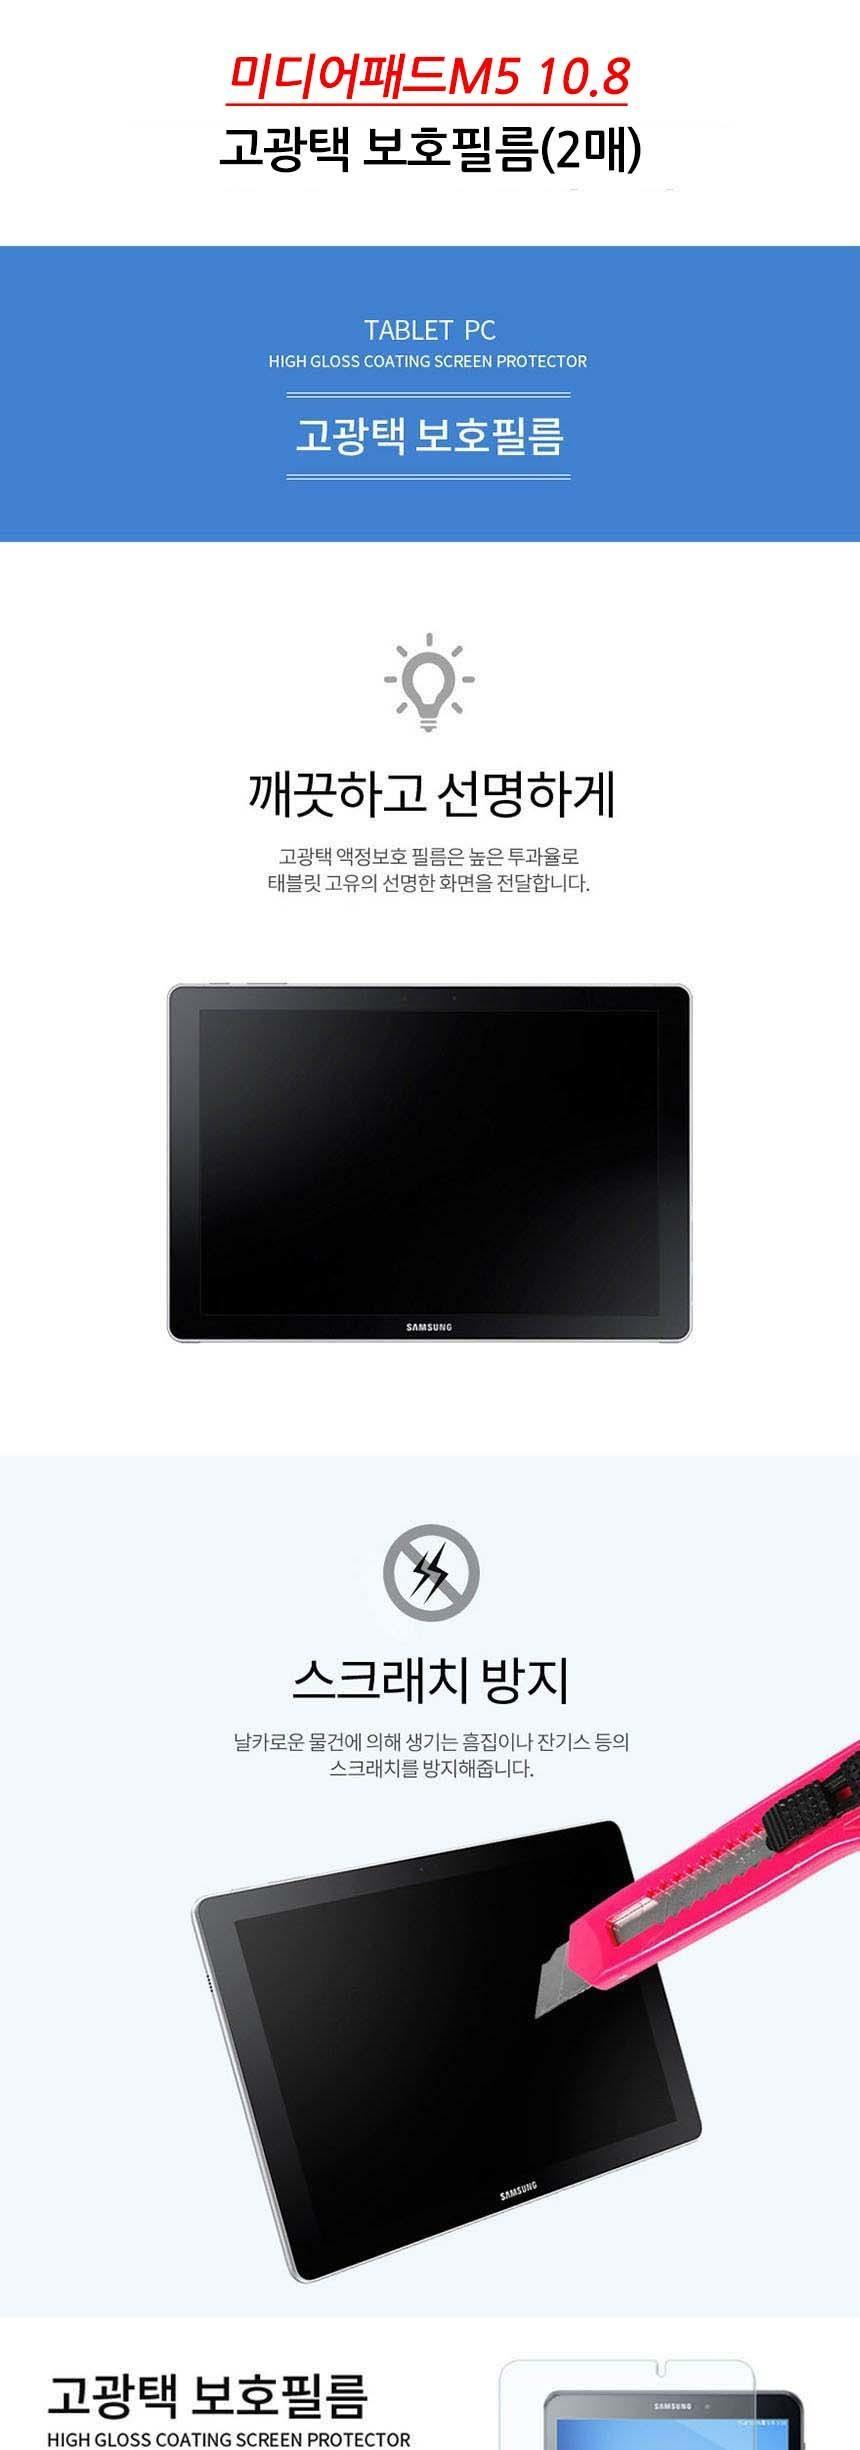 화웨이 미디어패드M5 10.8 고광택 보호필름 2매 태블 태블릿PC화면보호필름 태블릿보호스티커 태블릿필름 태블릿모니터보호필름 태블릿PC보호필름